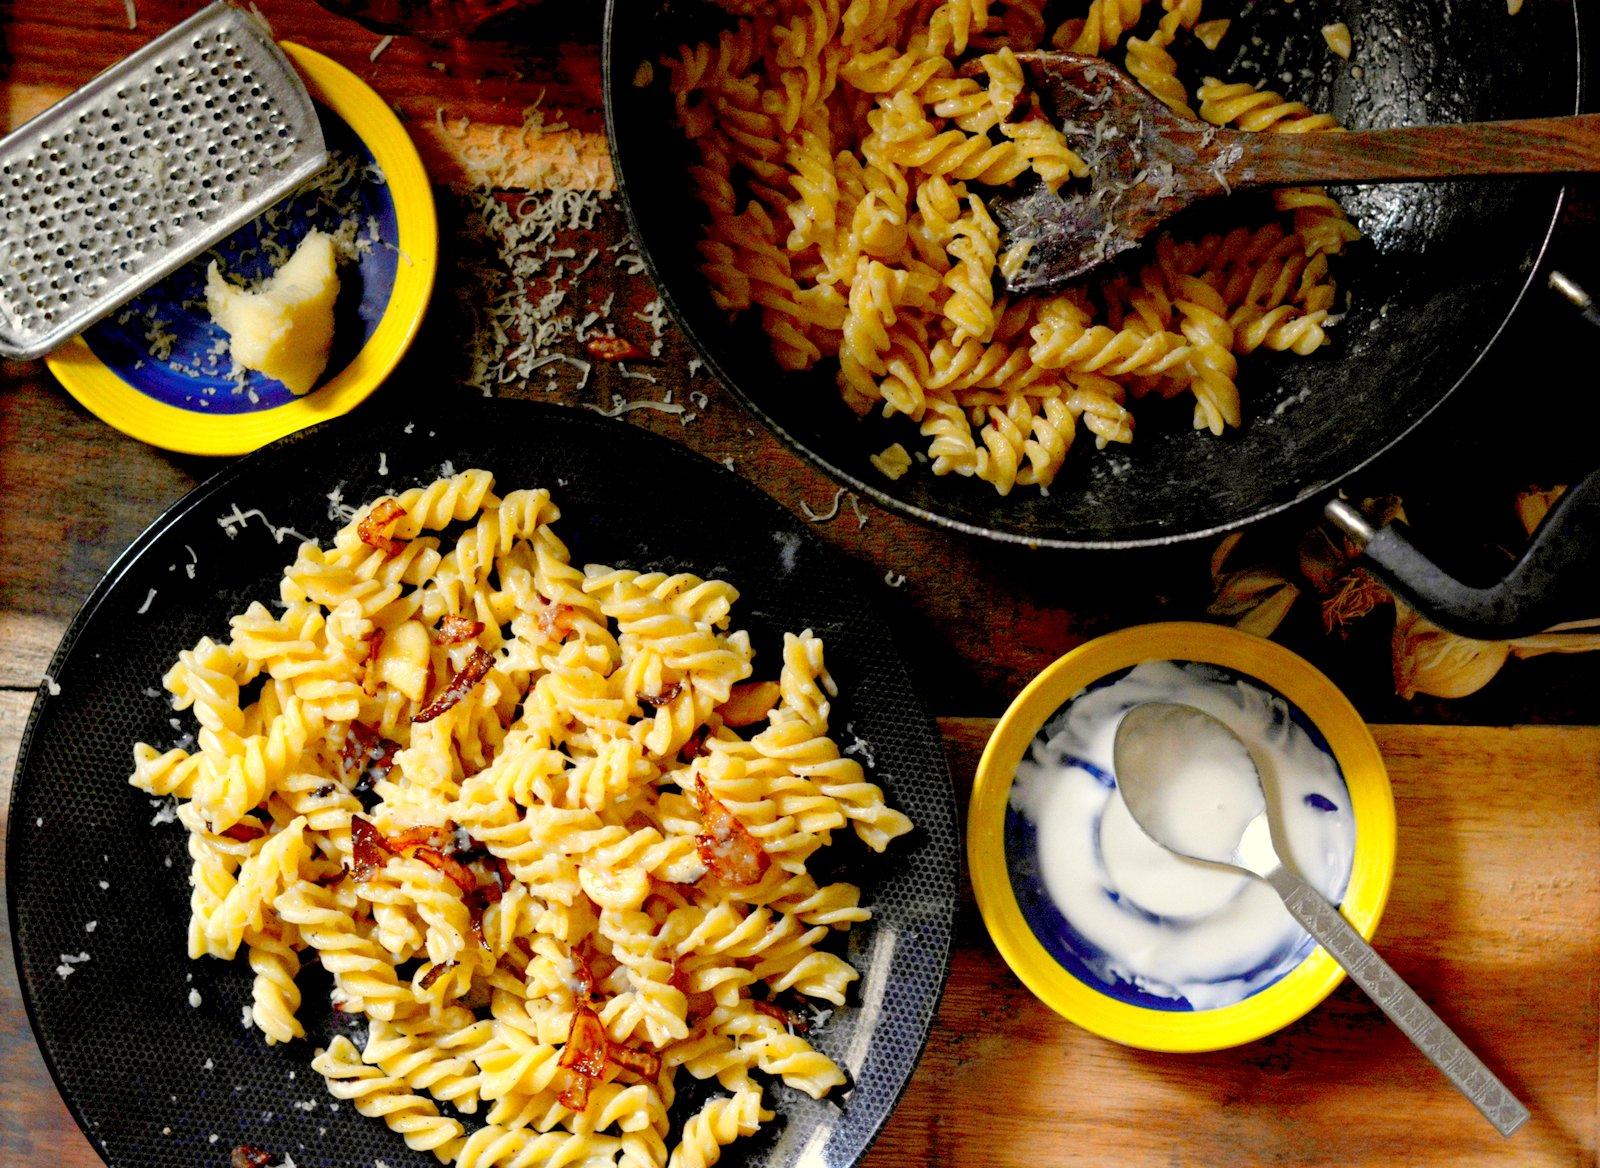 Receita de macarrão com cebola caramelizada e alho assado da Archana's Kitchen